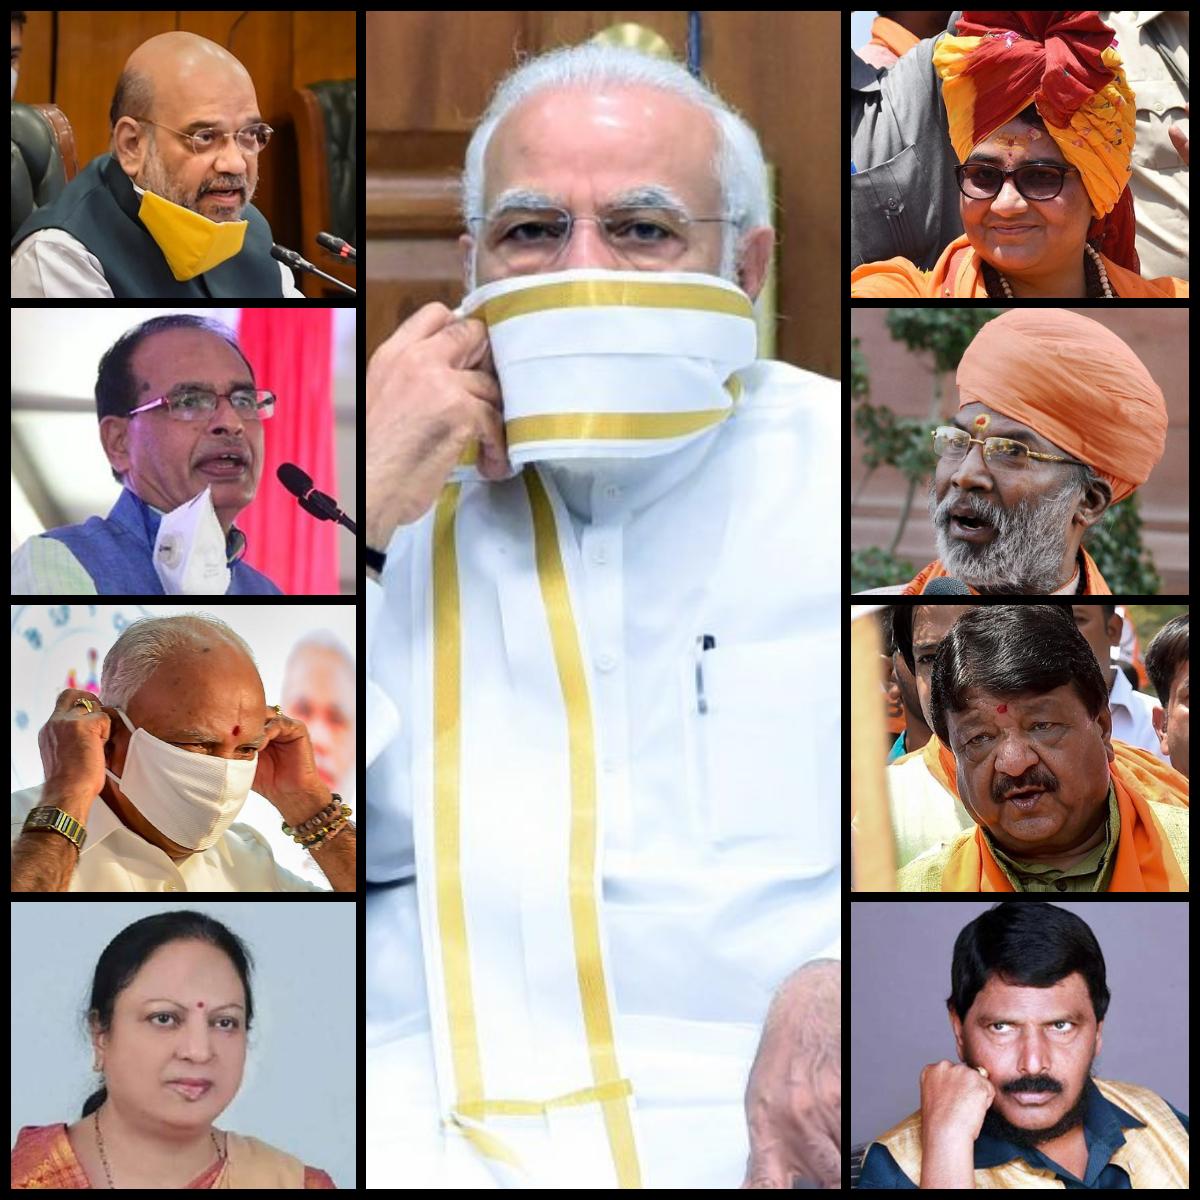 प्रधानमंत्री नरेंद्र मोदी, भाजपा के कोरोना संक्रमित नेता (बाएं) और कोरोना पर बयान देने वाले पार्टी के विभिन्न नेता (दाएं). (फोटो: पीटीआई/फेसबुक/पीआईबी)